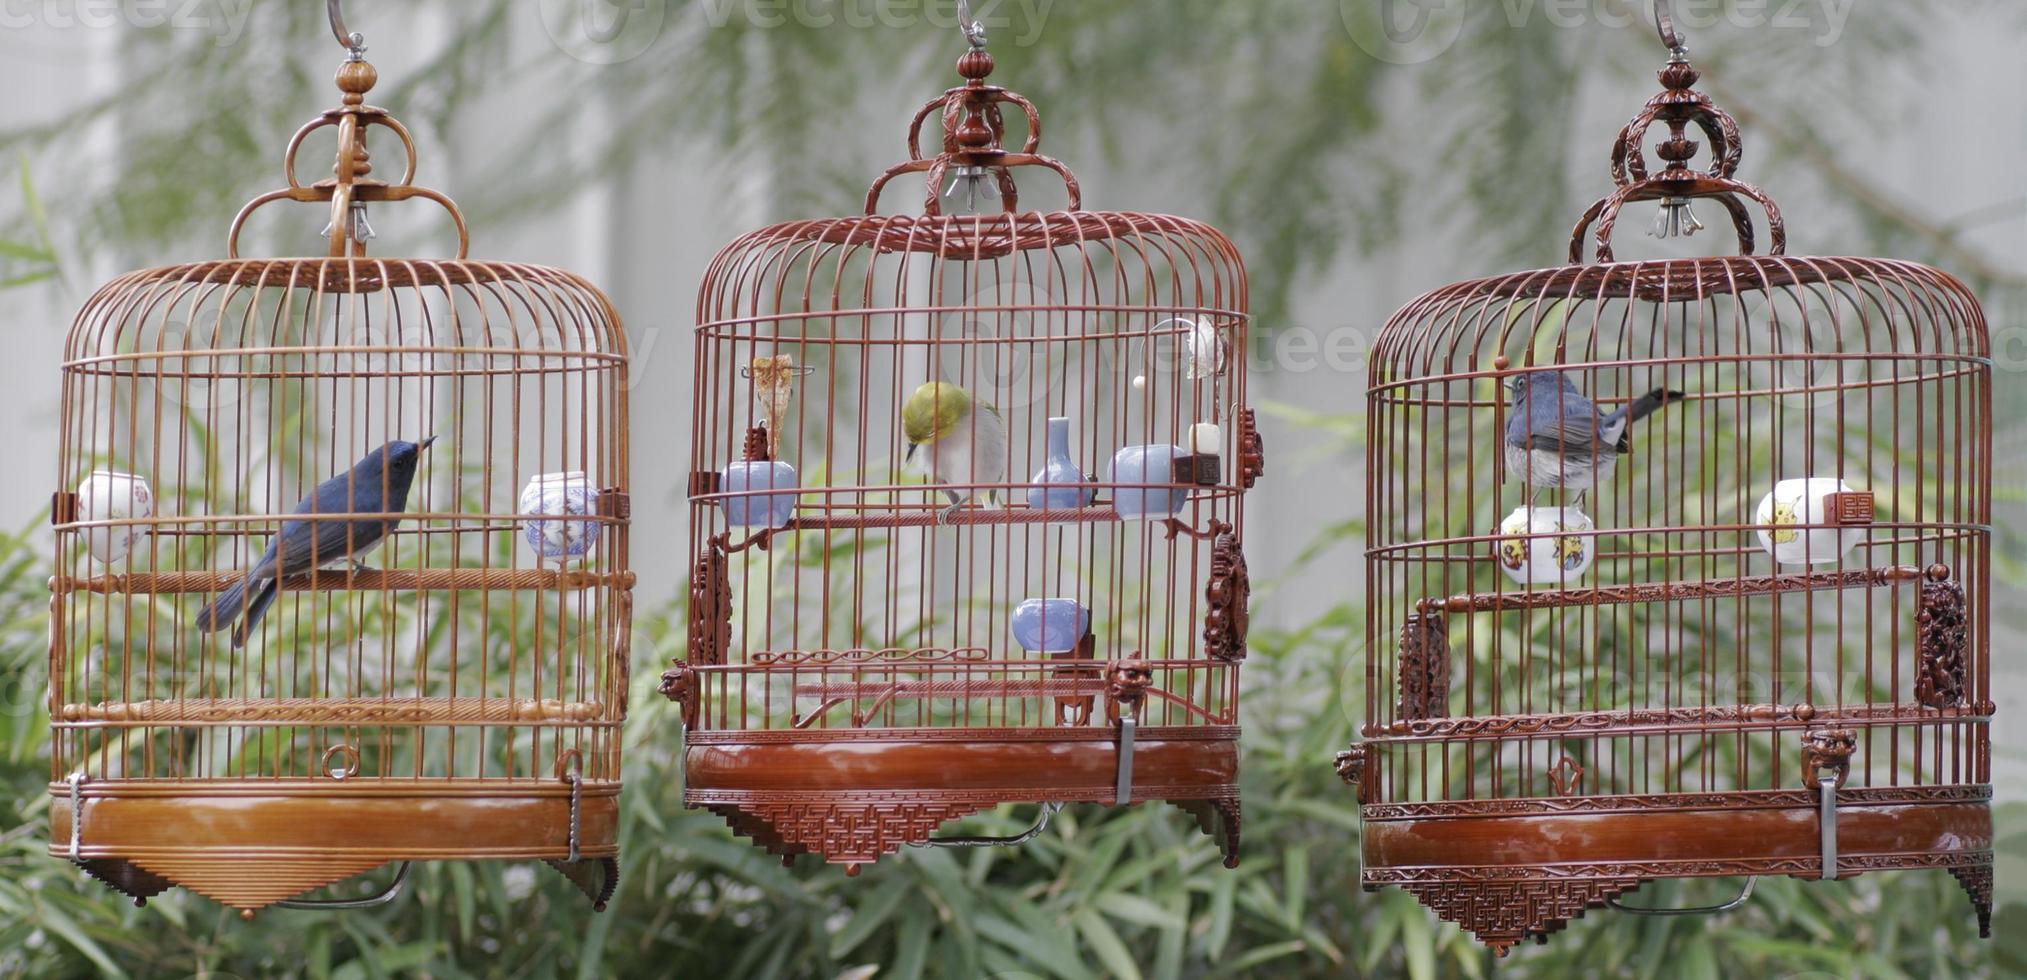 gaiolas de pássaros chineses foto